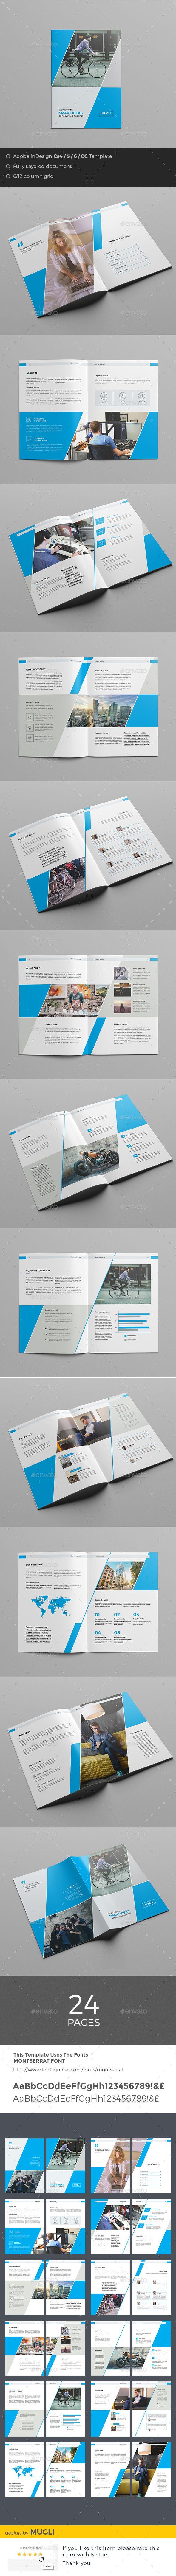 Corporate Brochure | Editorial, Diseño editorial y Dibujo